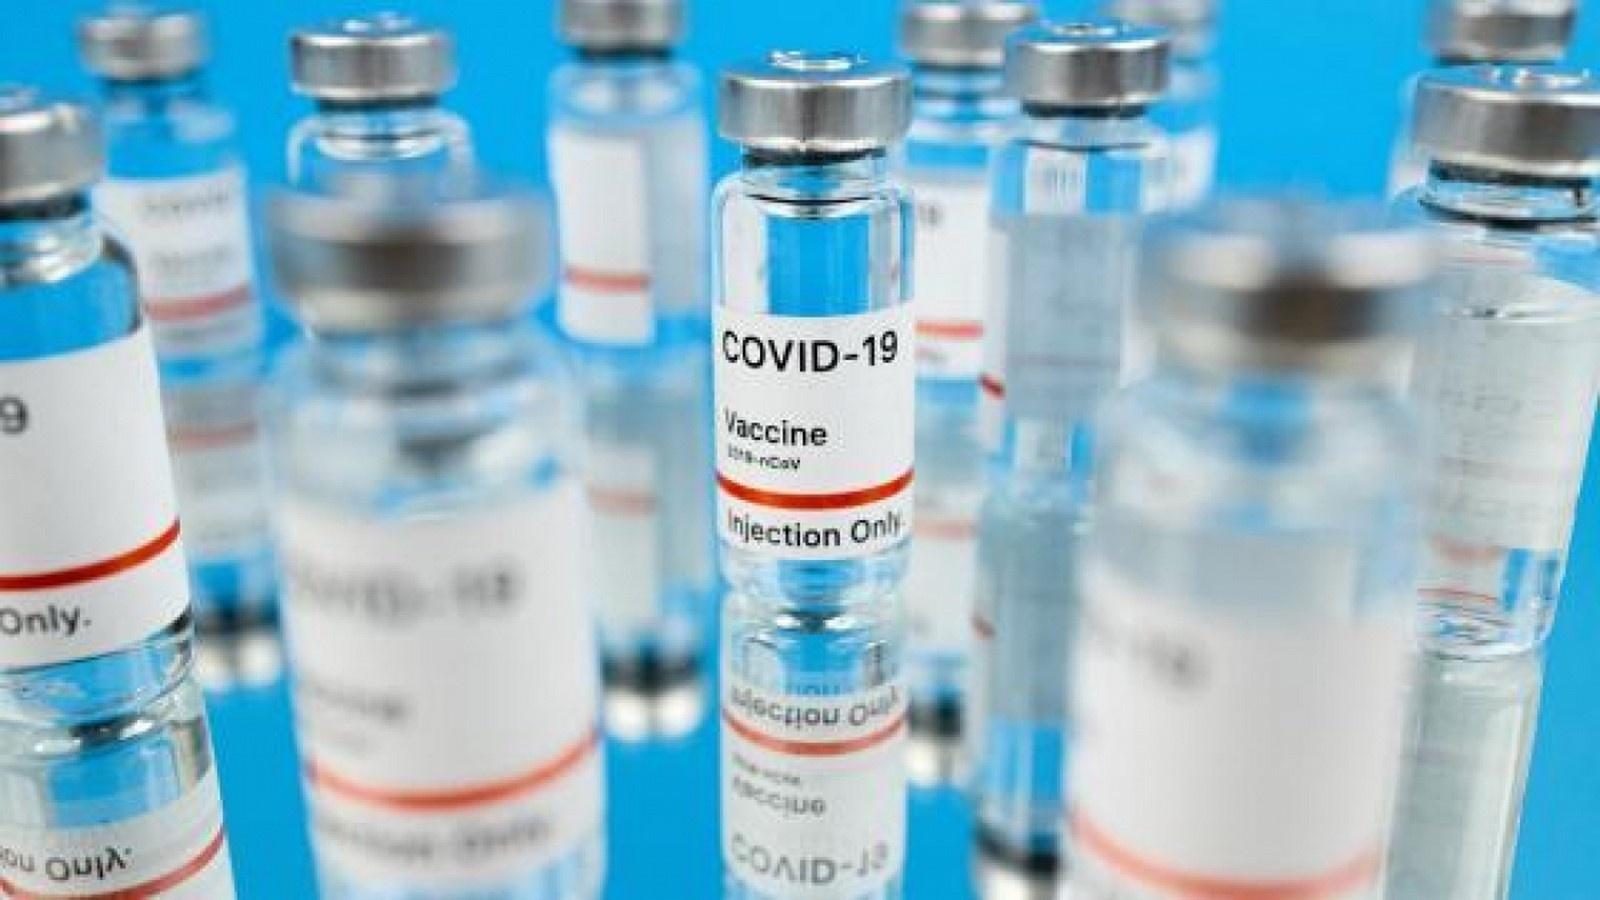 hop tac cong tu de thuc hien chien luoc vaccine